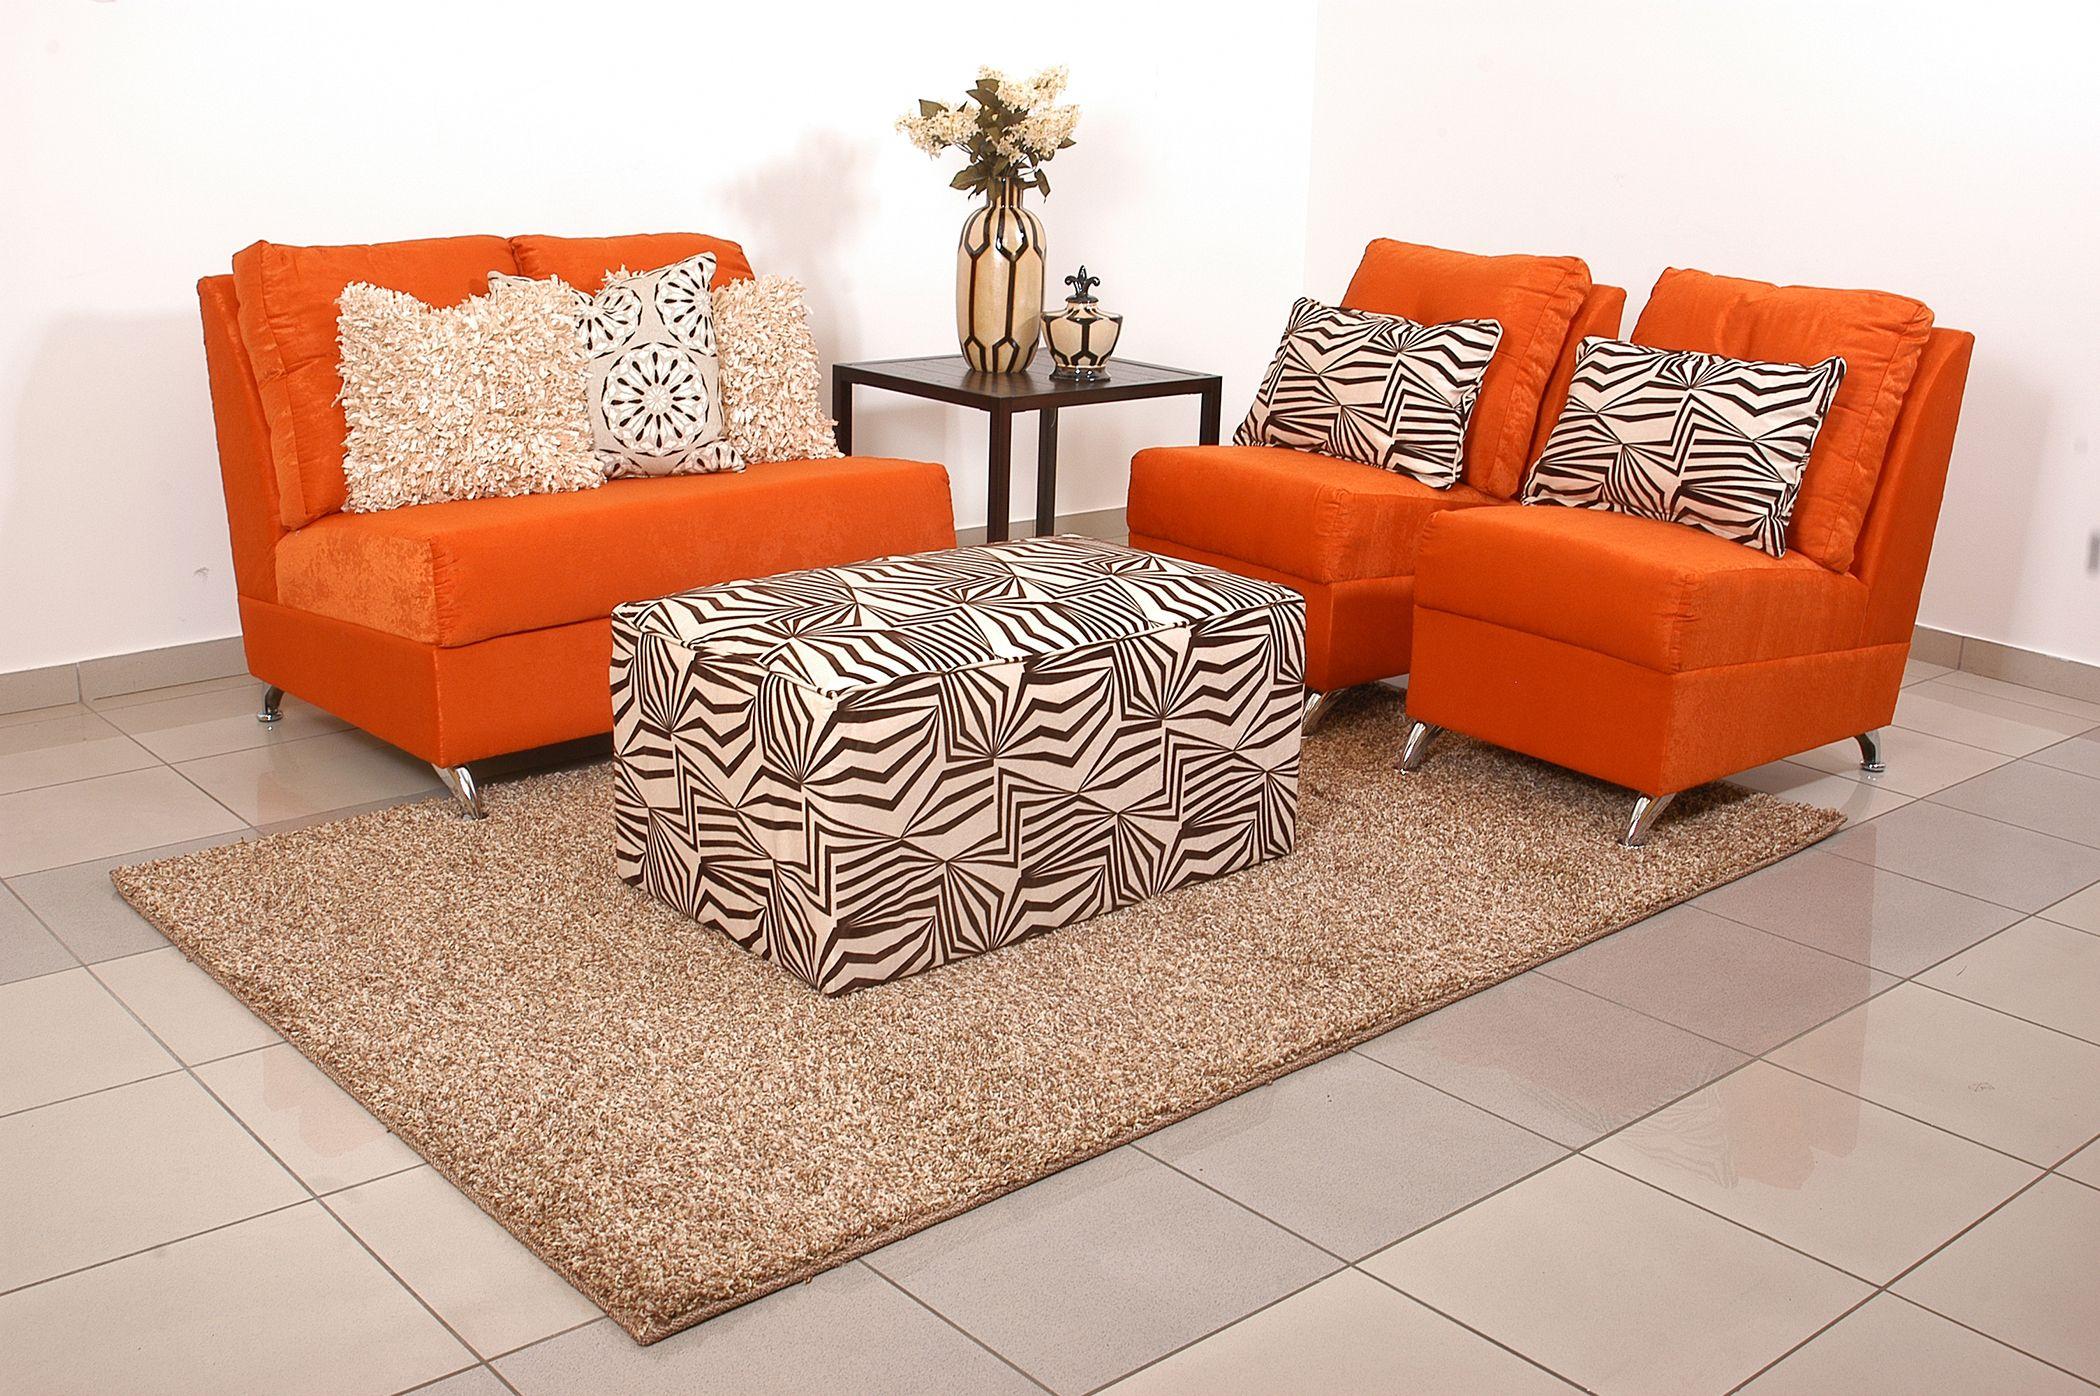 Juego de sala sof y 2 sillones ottoman mod palermo for Sillones para salas pequenas